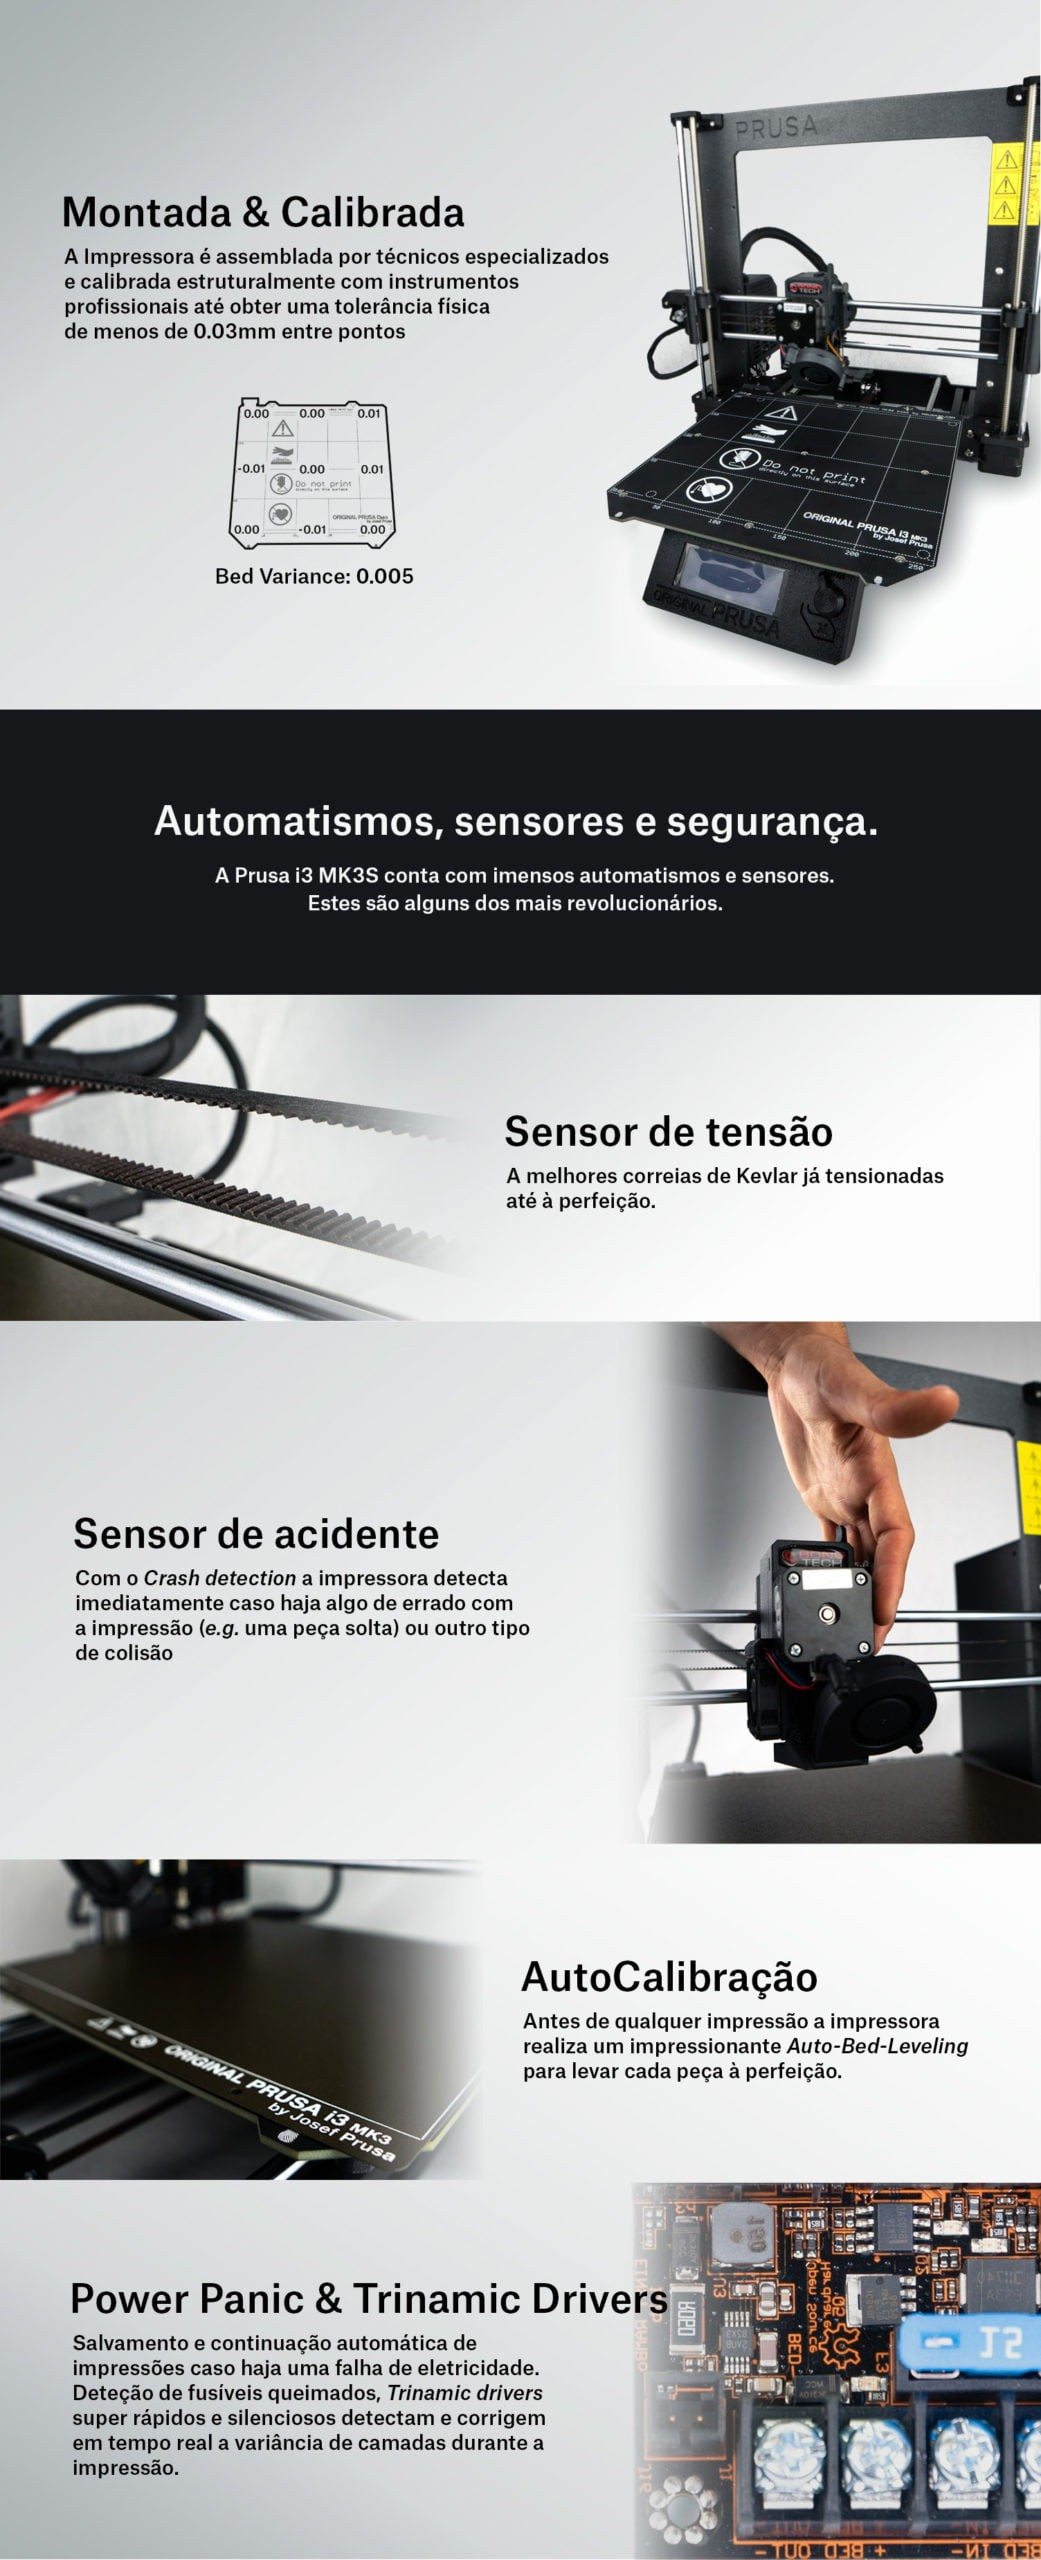 Impressora 3D já montada e calibrada em Portugal